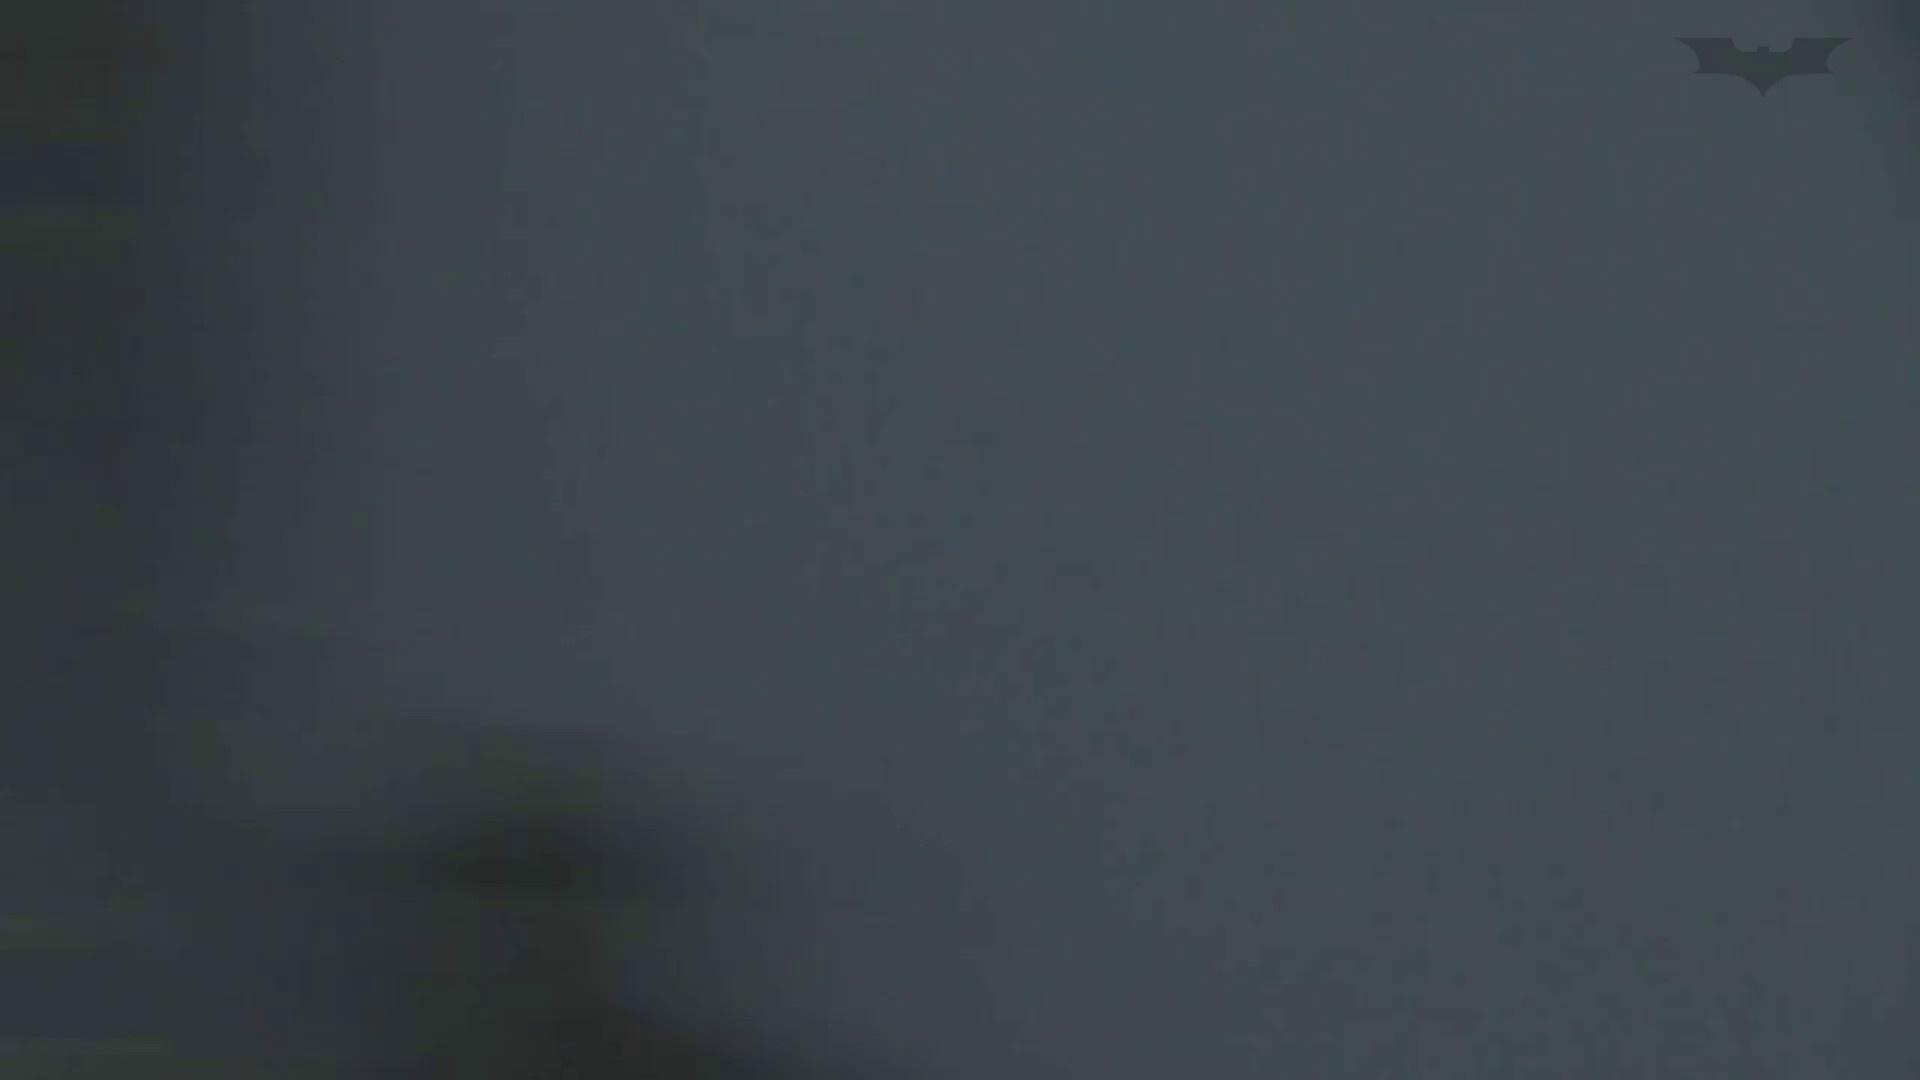 JD盗撮 美女の洗面所の秘密 Vol.45 トイレ中 | 盗撮エロすぎ  80連発 64